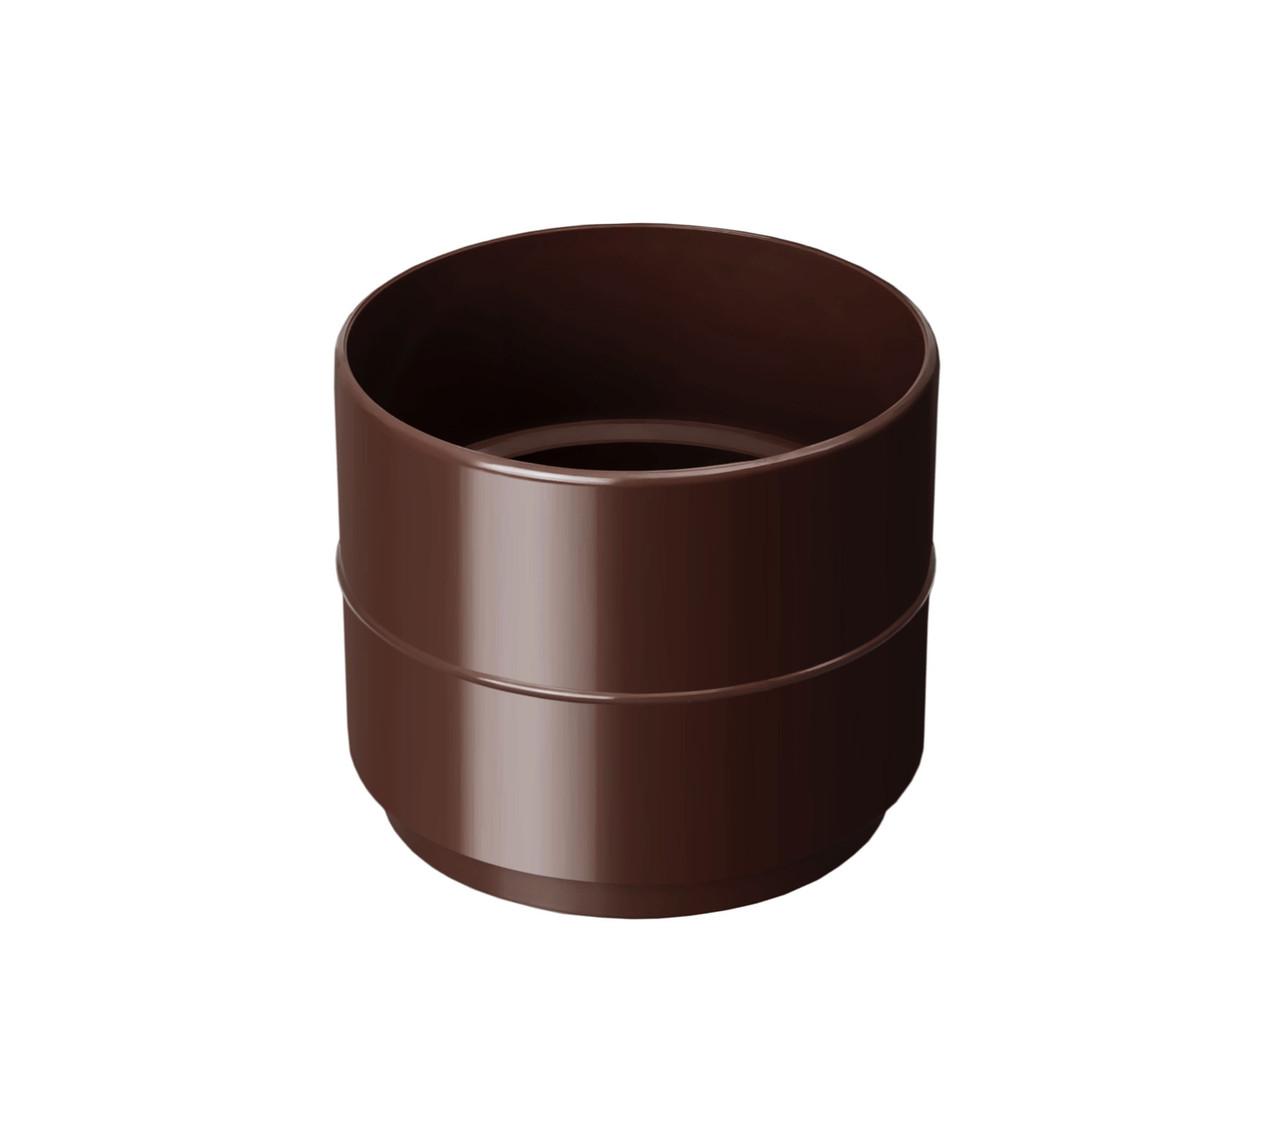 Муфта трубы коричневая 90/75 Rainway